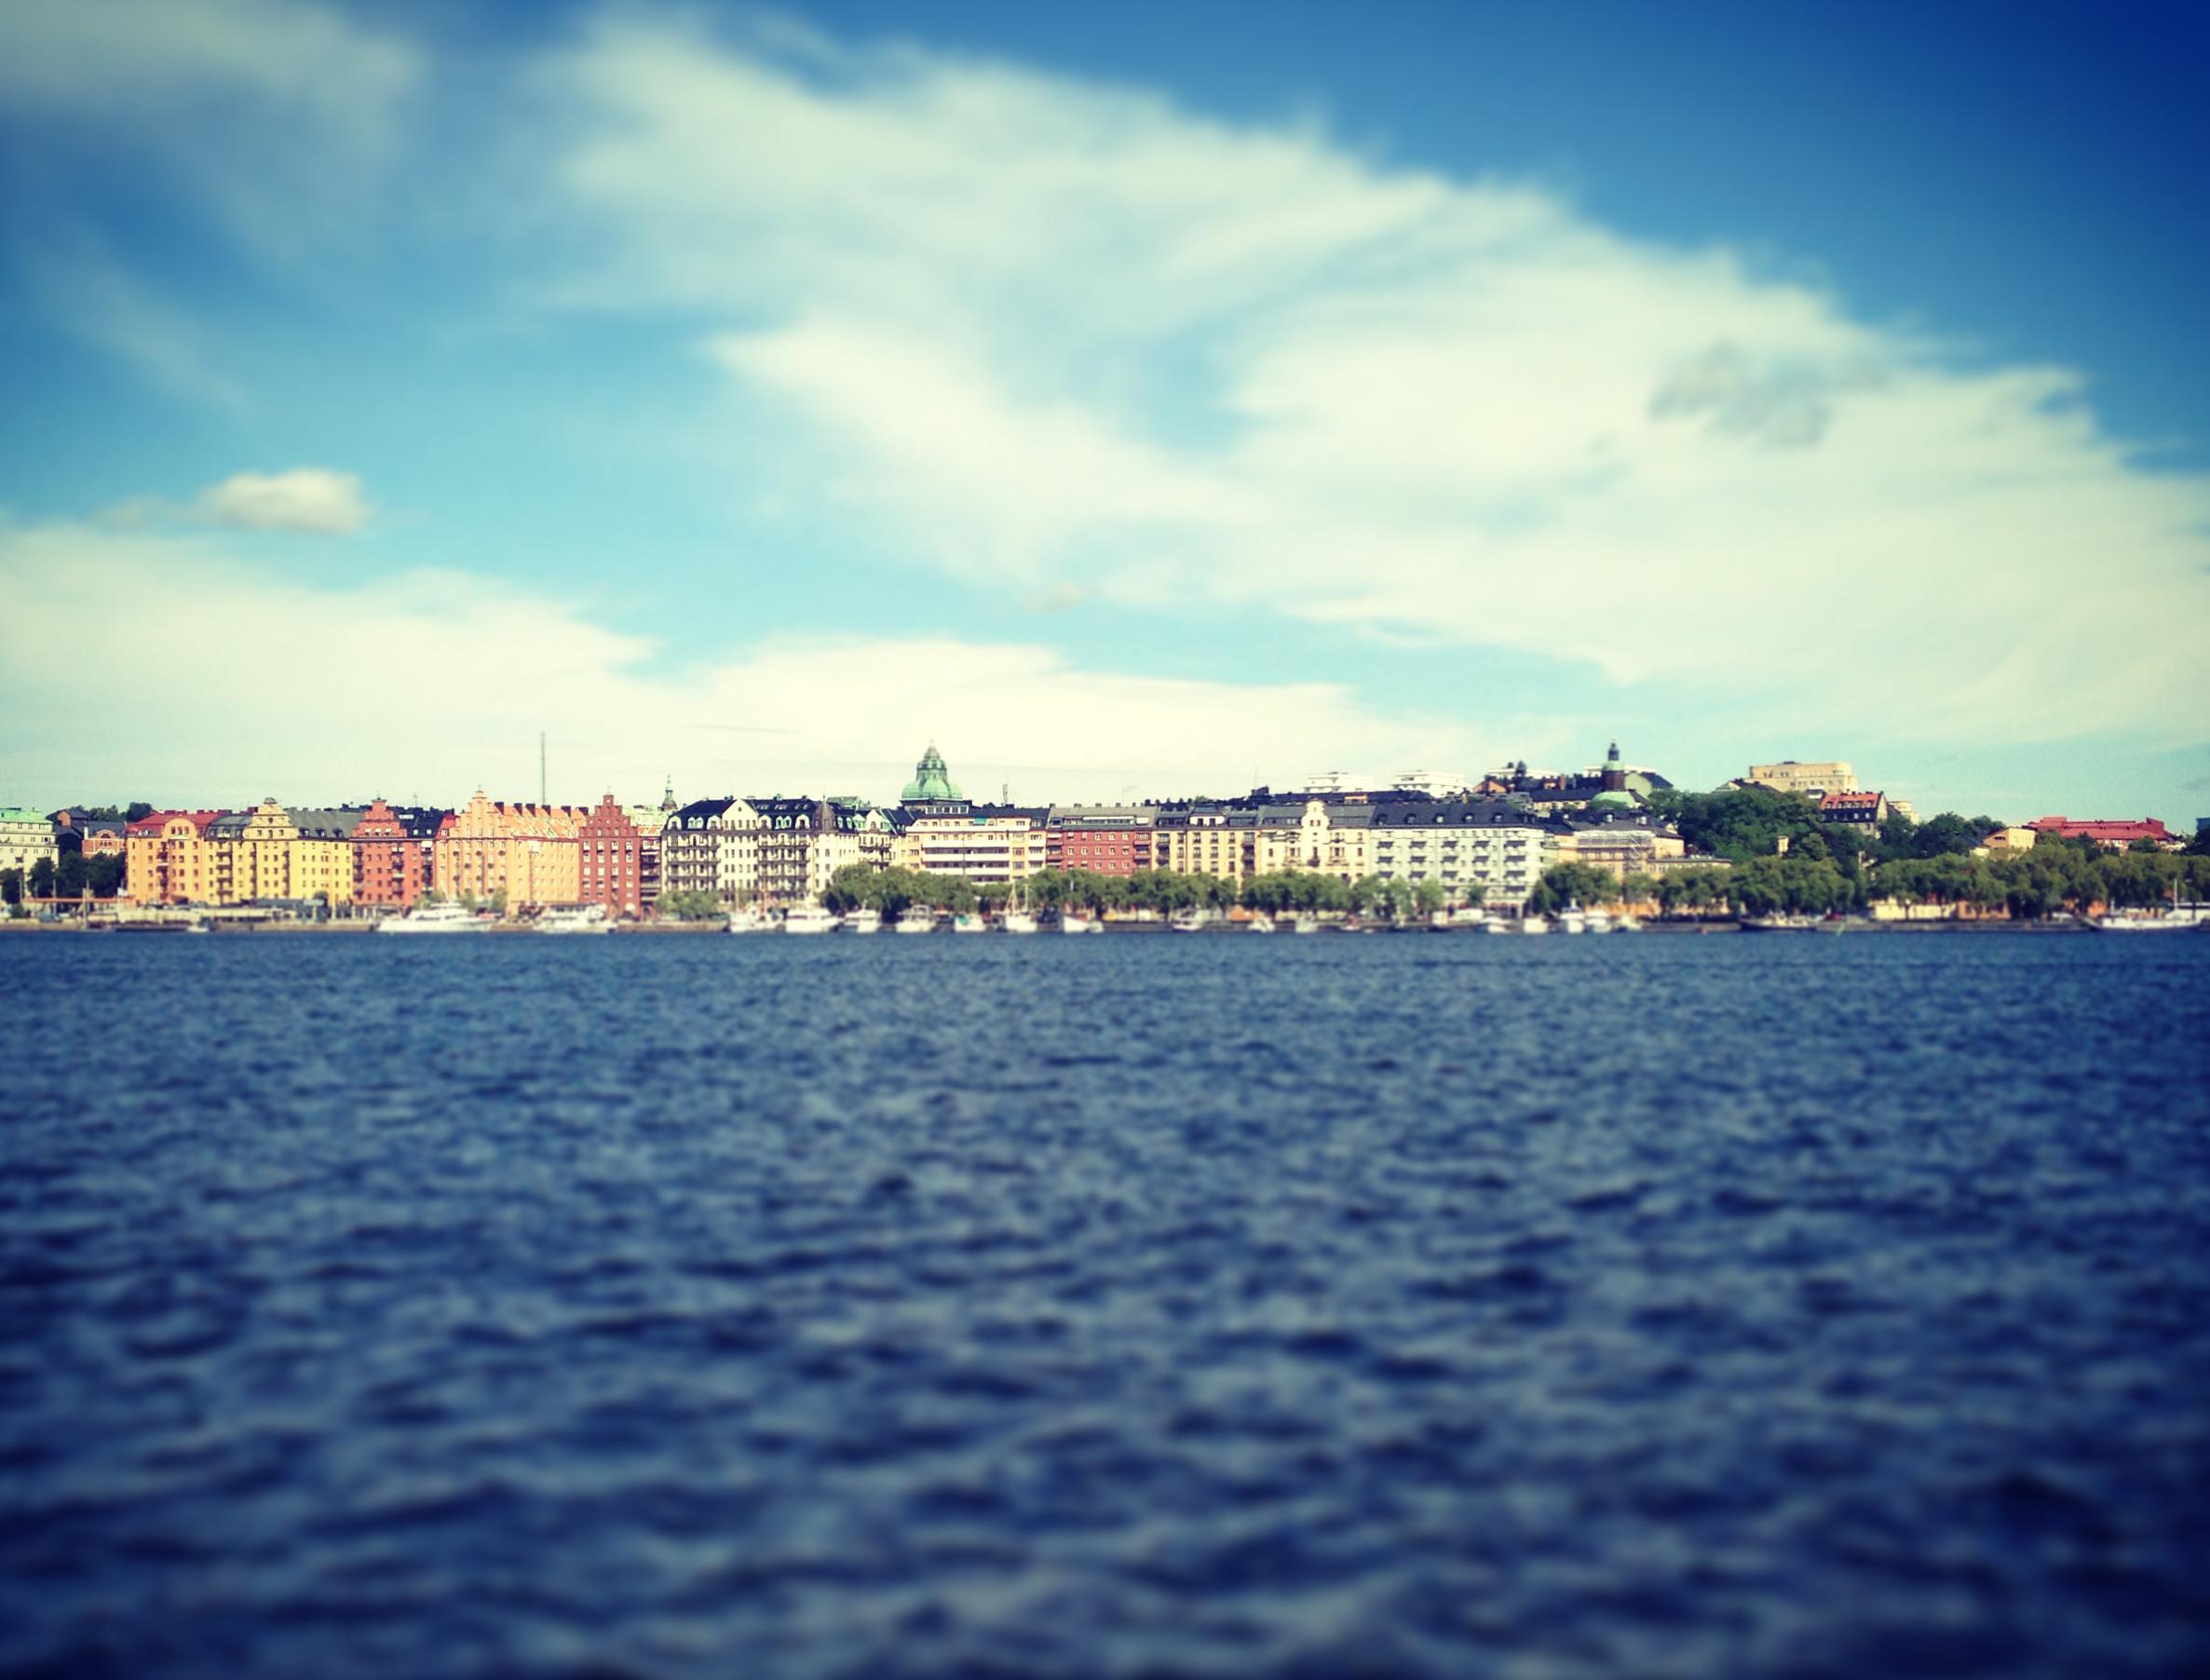 Sommarstockholms innerstadspärlor